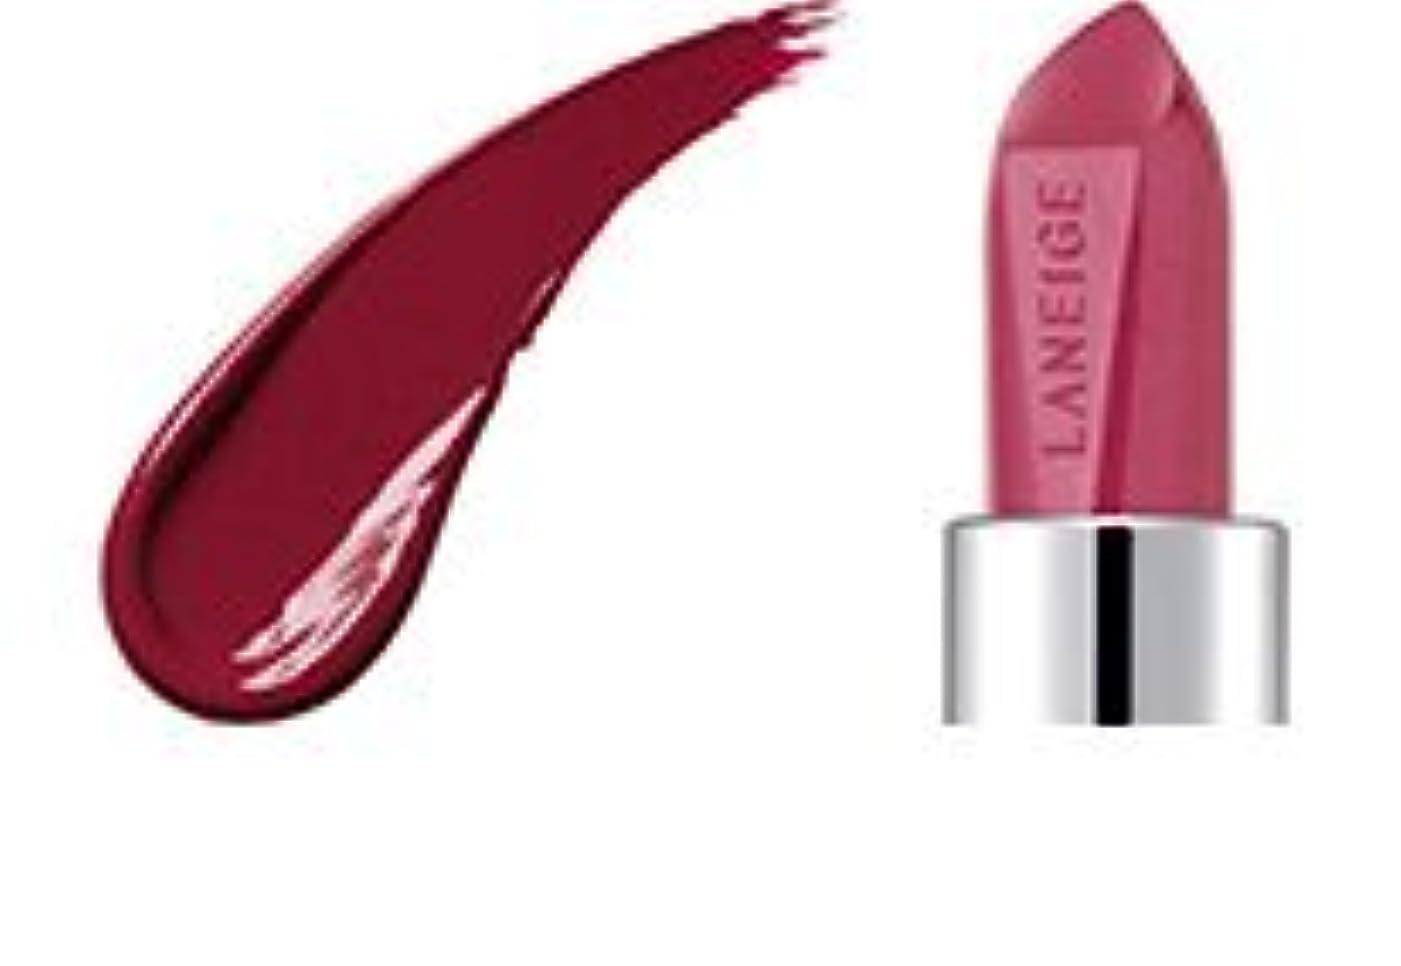 積分昆虫を見る熟読[2017 Renewal] LANEIGE Silk Intense Lipstick 3.5g/ラネージュ シルク インテンス リップスティック 3.5g (#325 Cranberry Red) [並行輸入品]